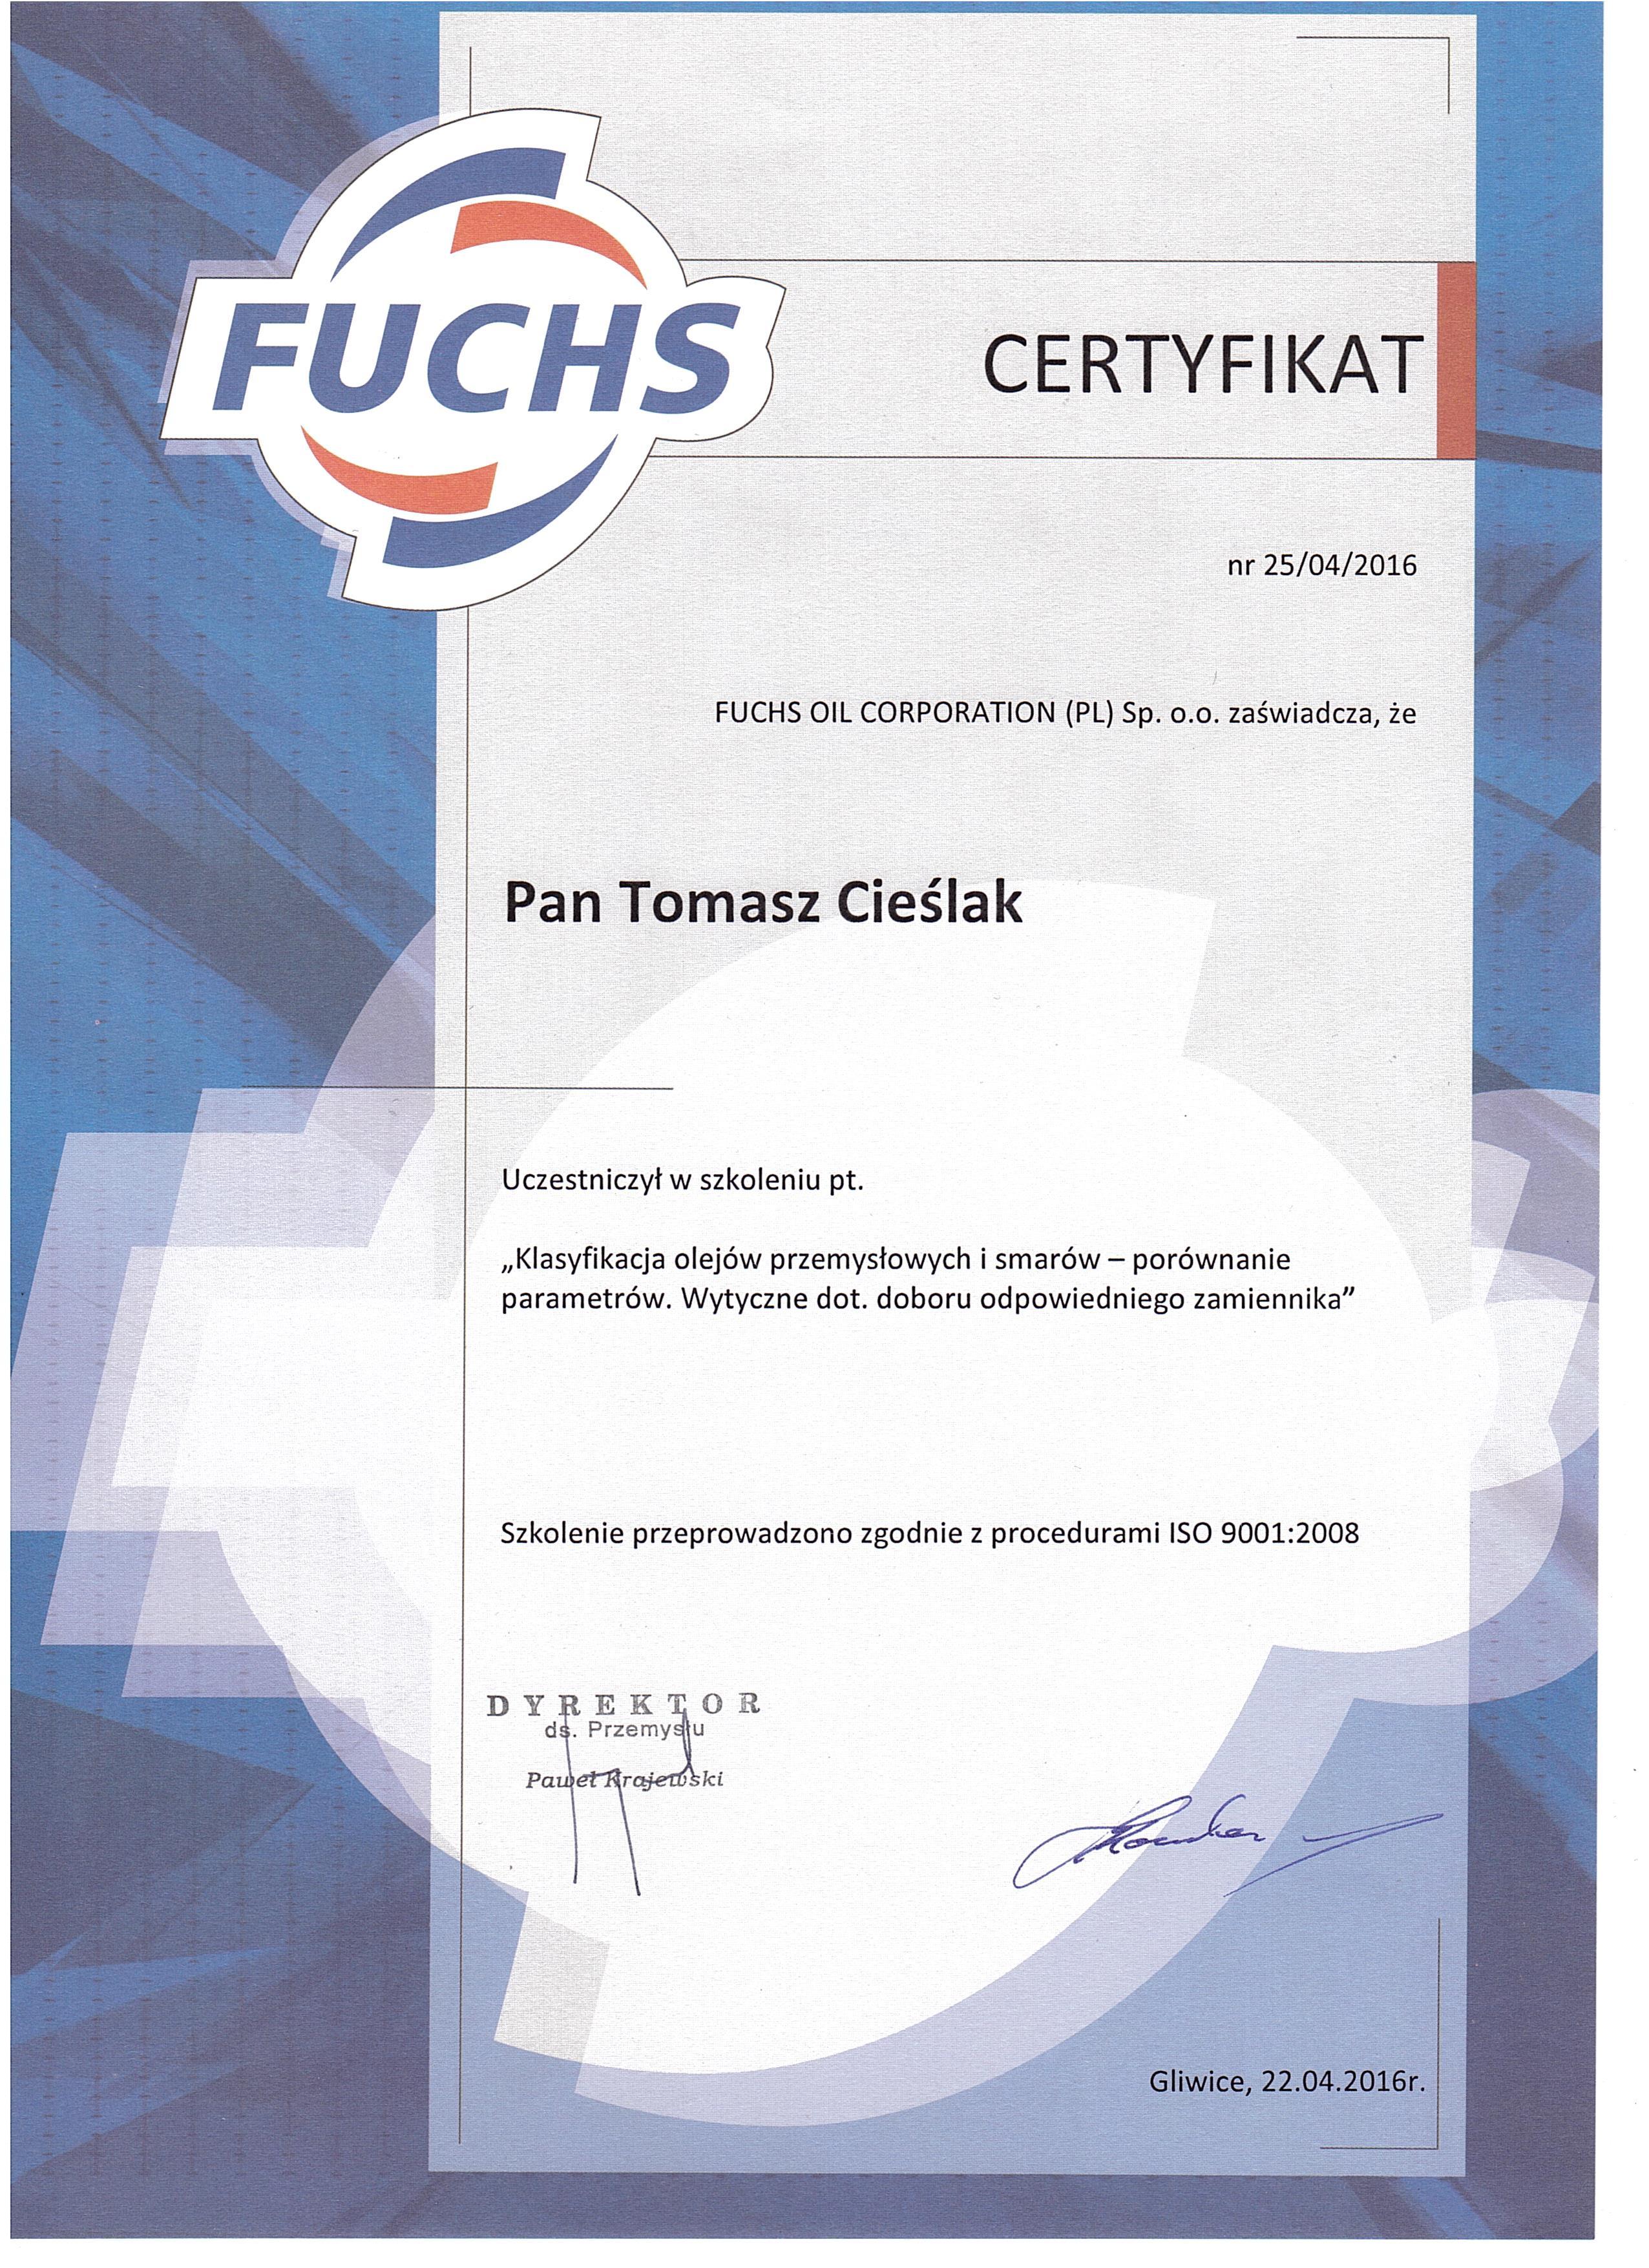 http://profitstatep.pl/media/images/cert_fuchs1.jpg